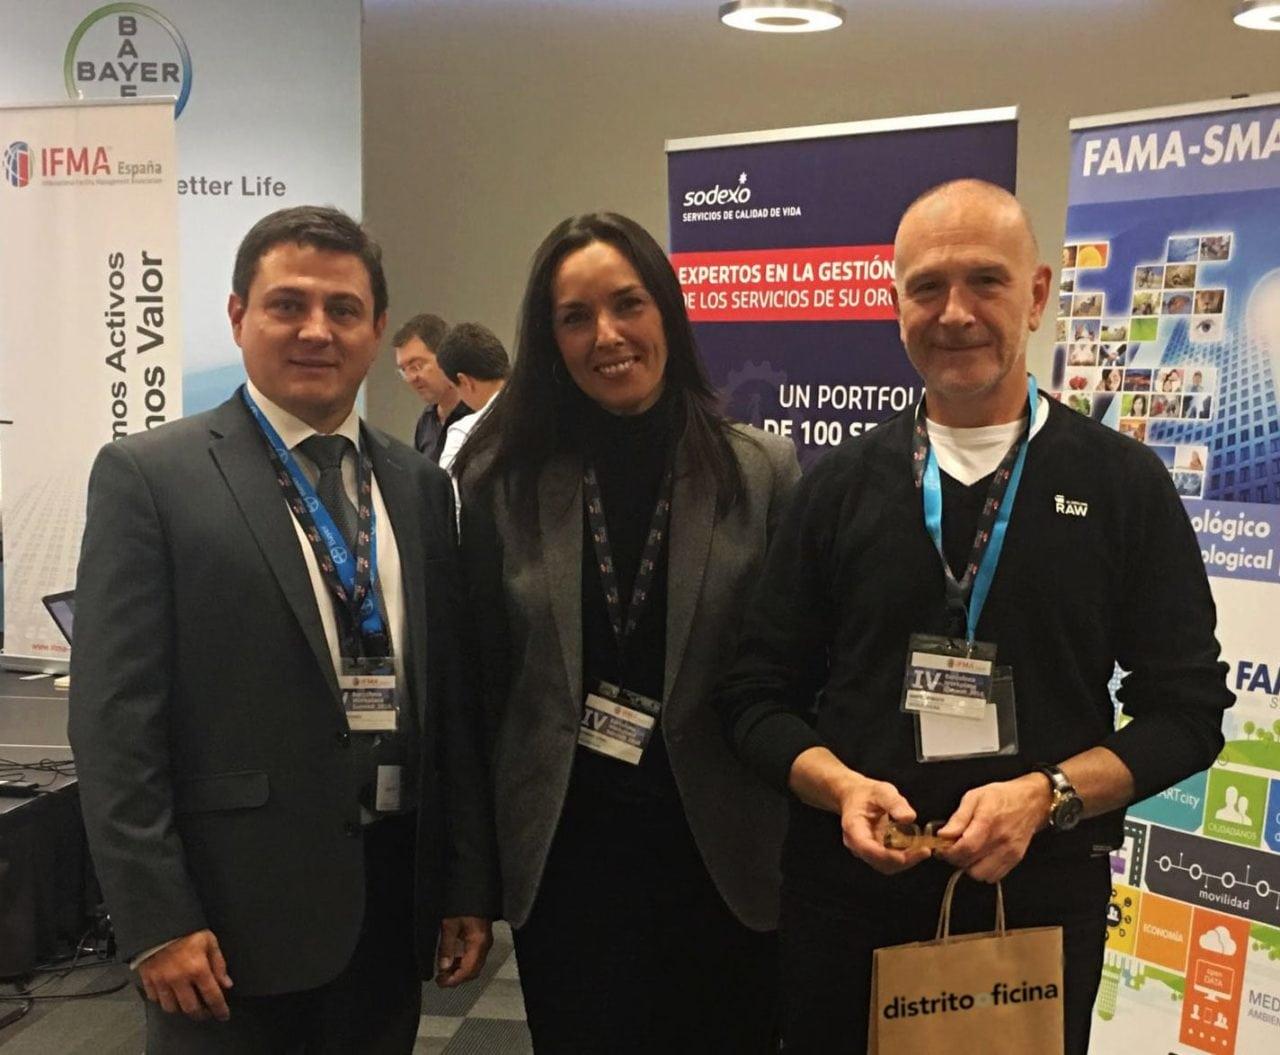 Workplace Summit Barcelona: espacios de trabajo más humanos, colaborativos y productivos